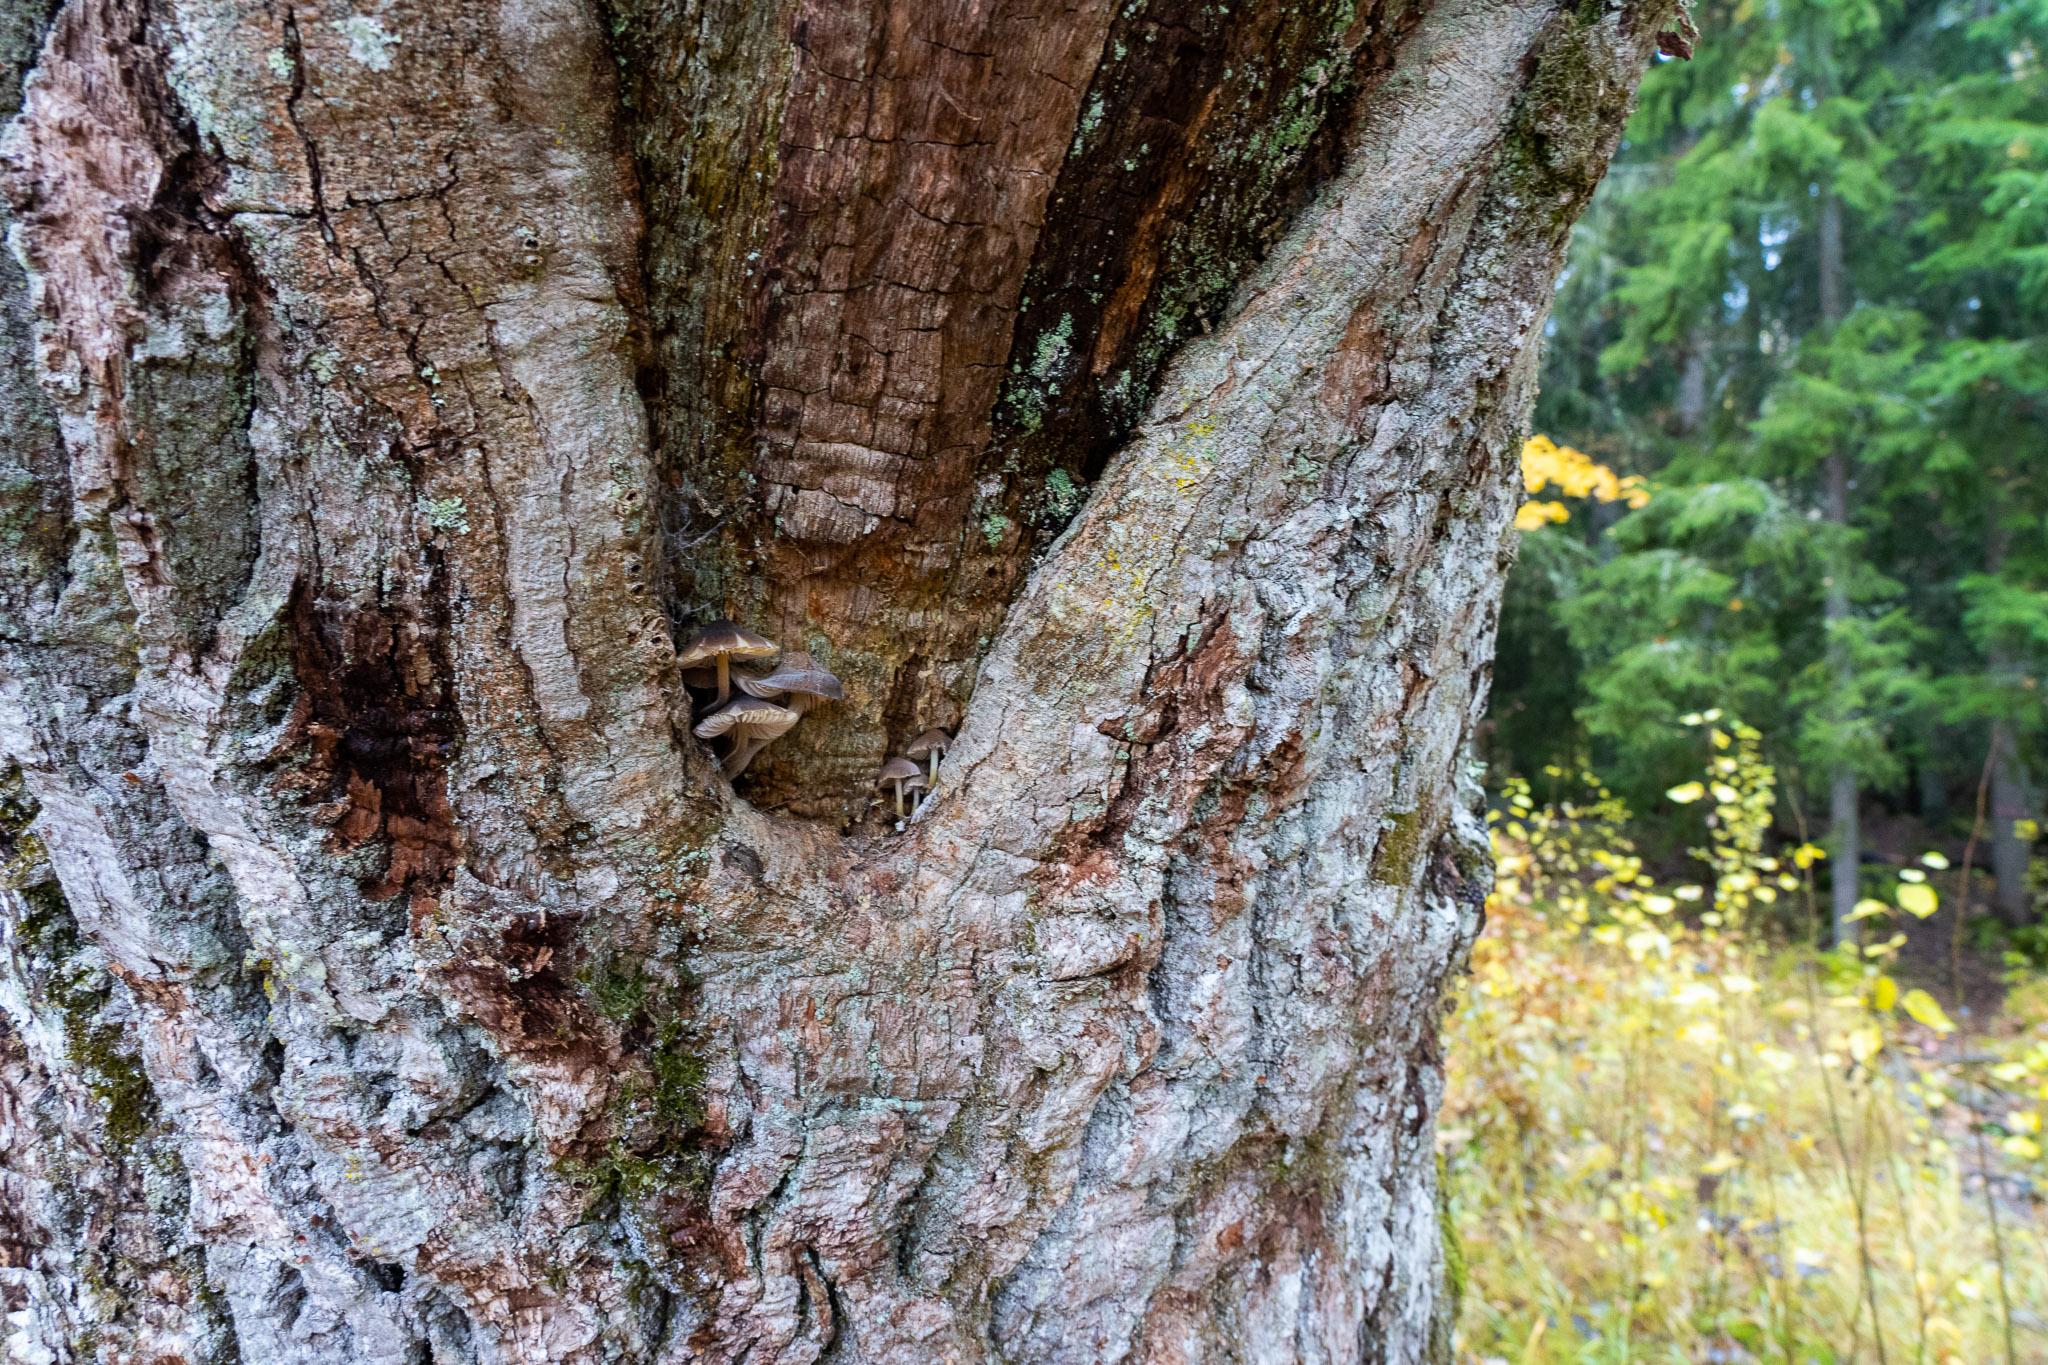 Pilzli auf Baum